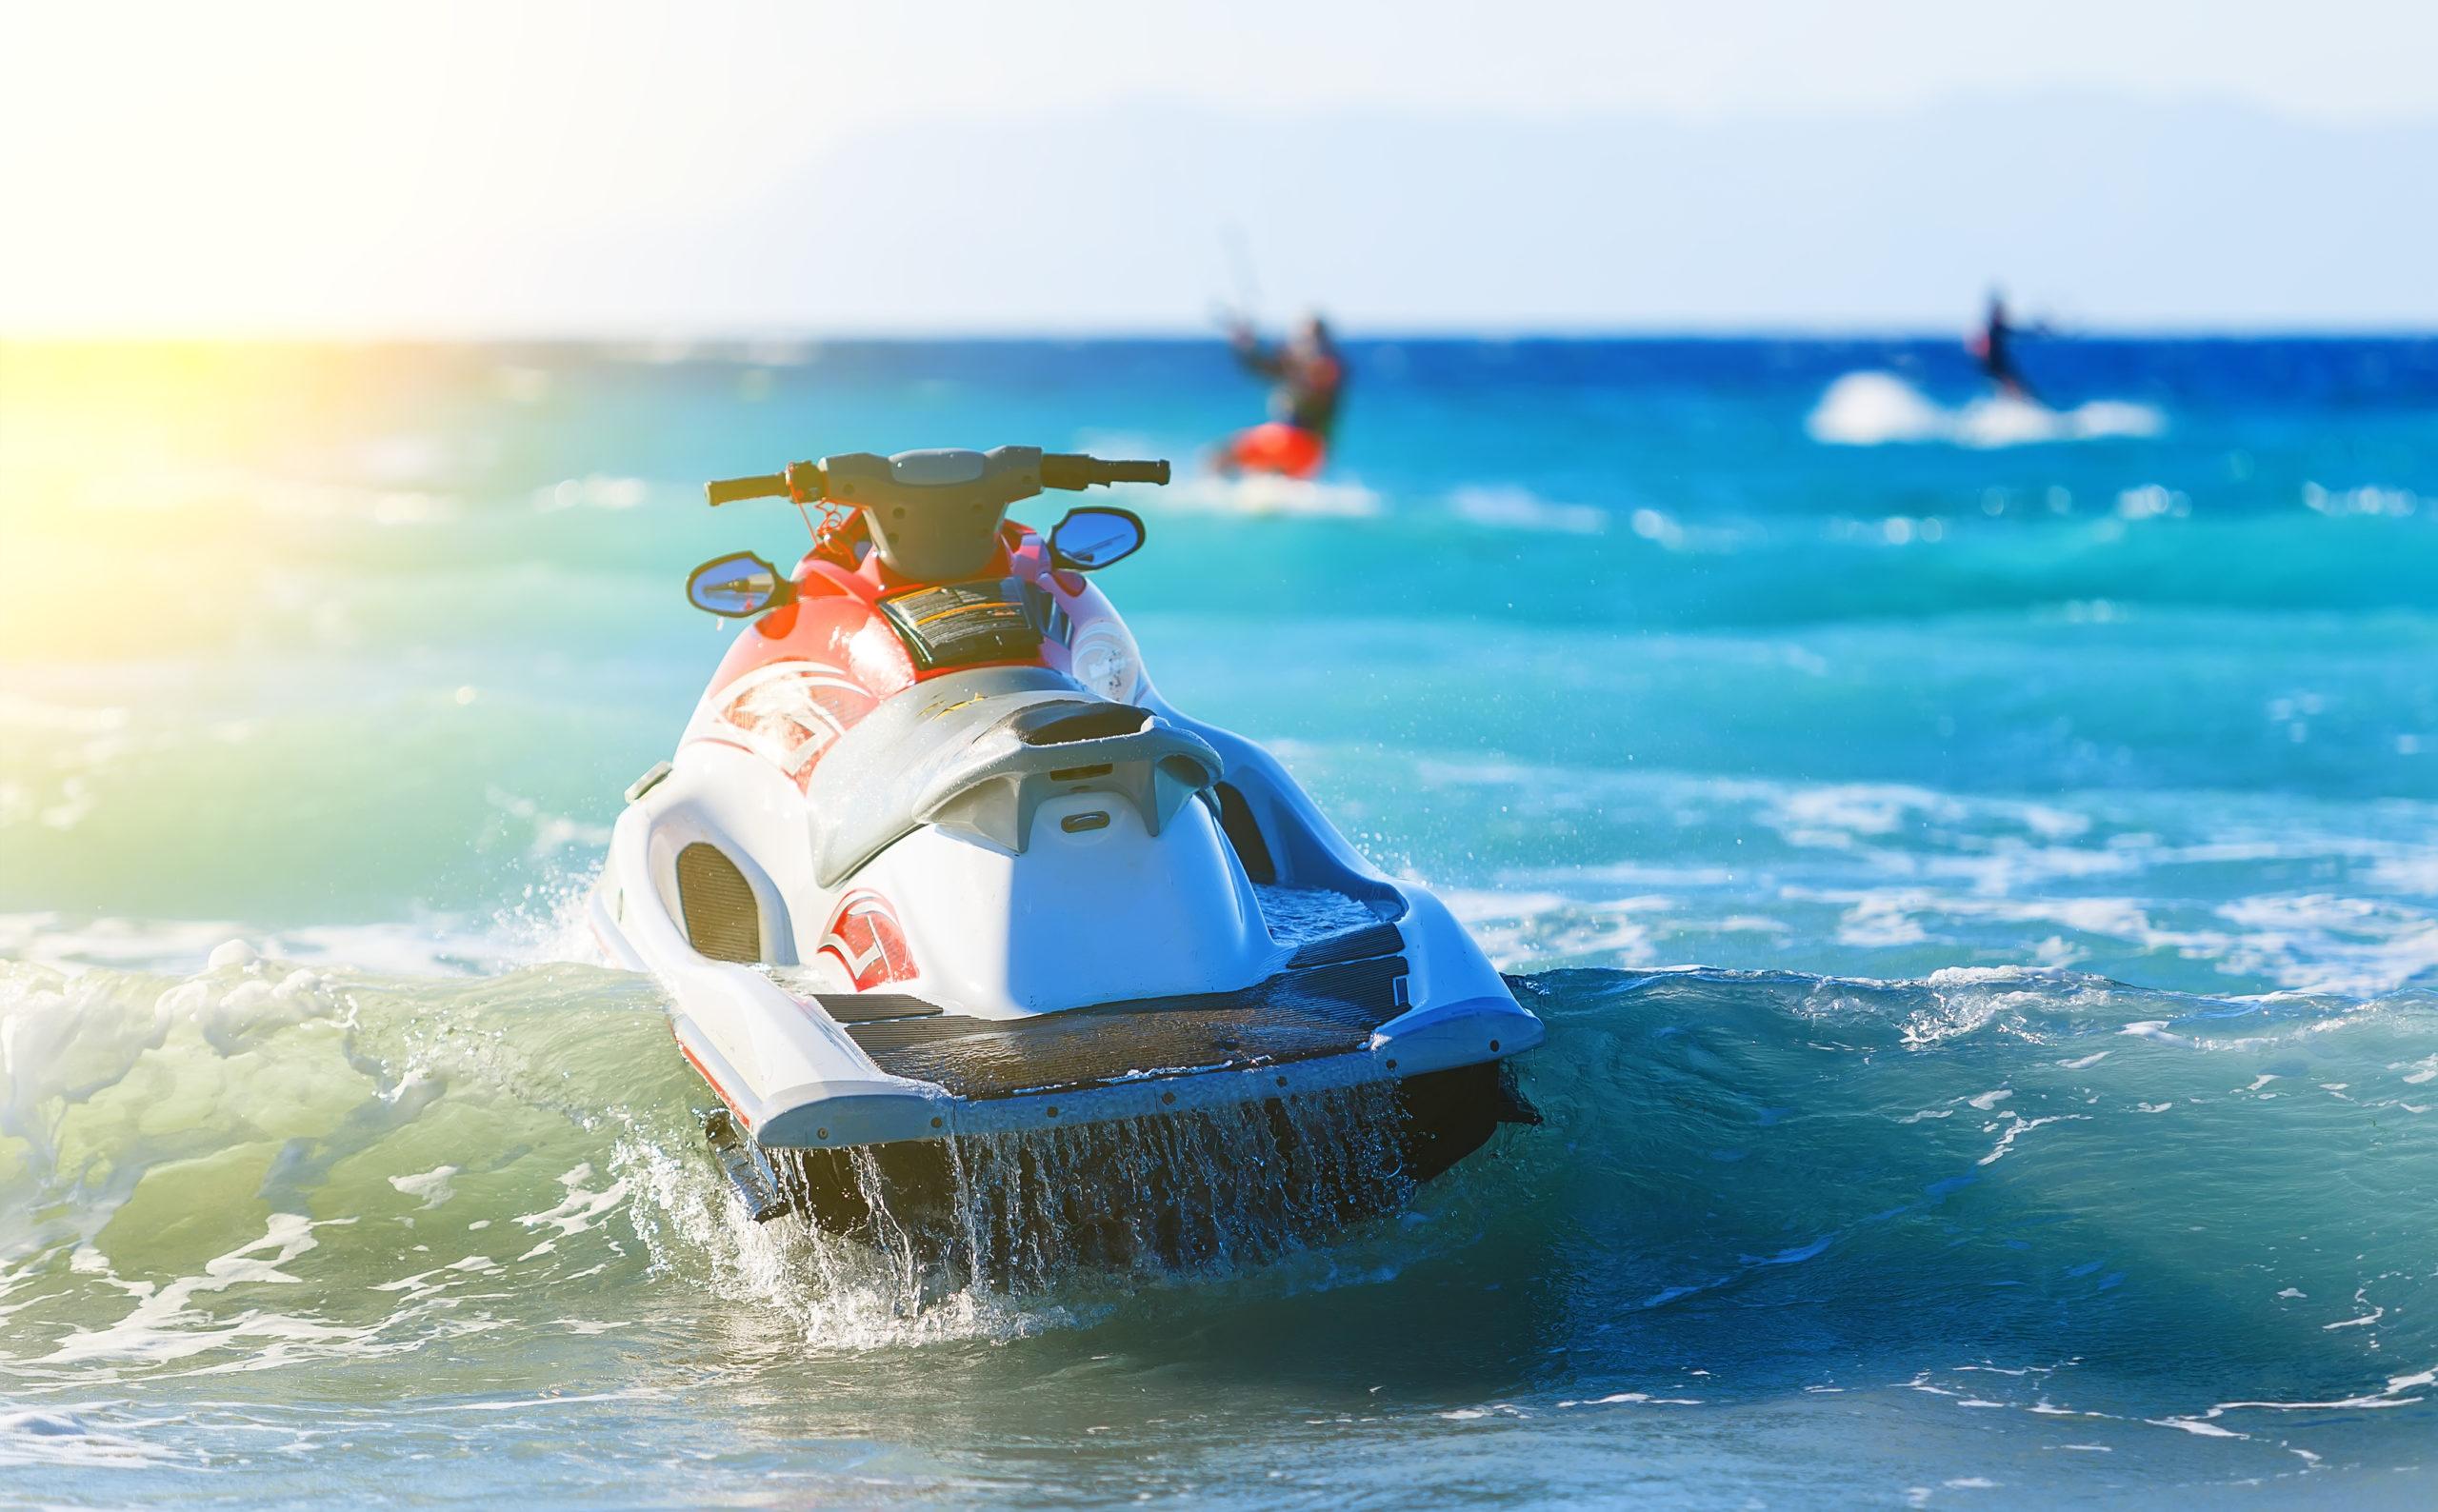 playnorth watersports rental jet ski in lake michigan waves